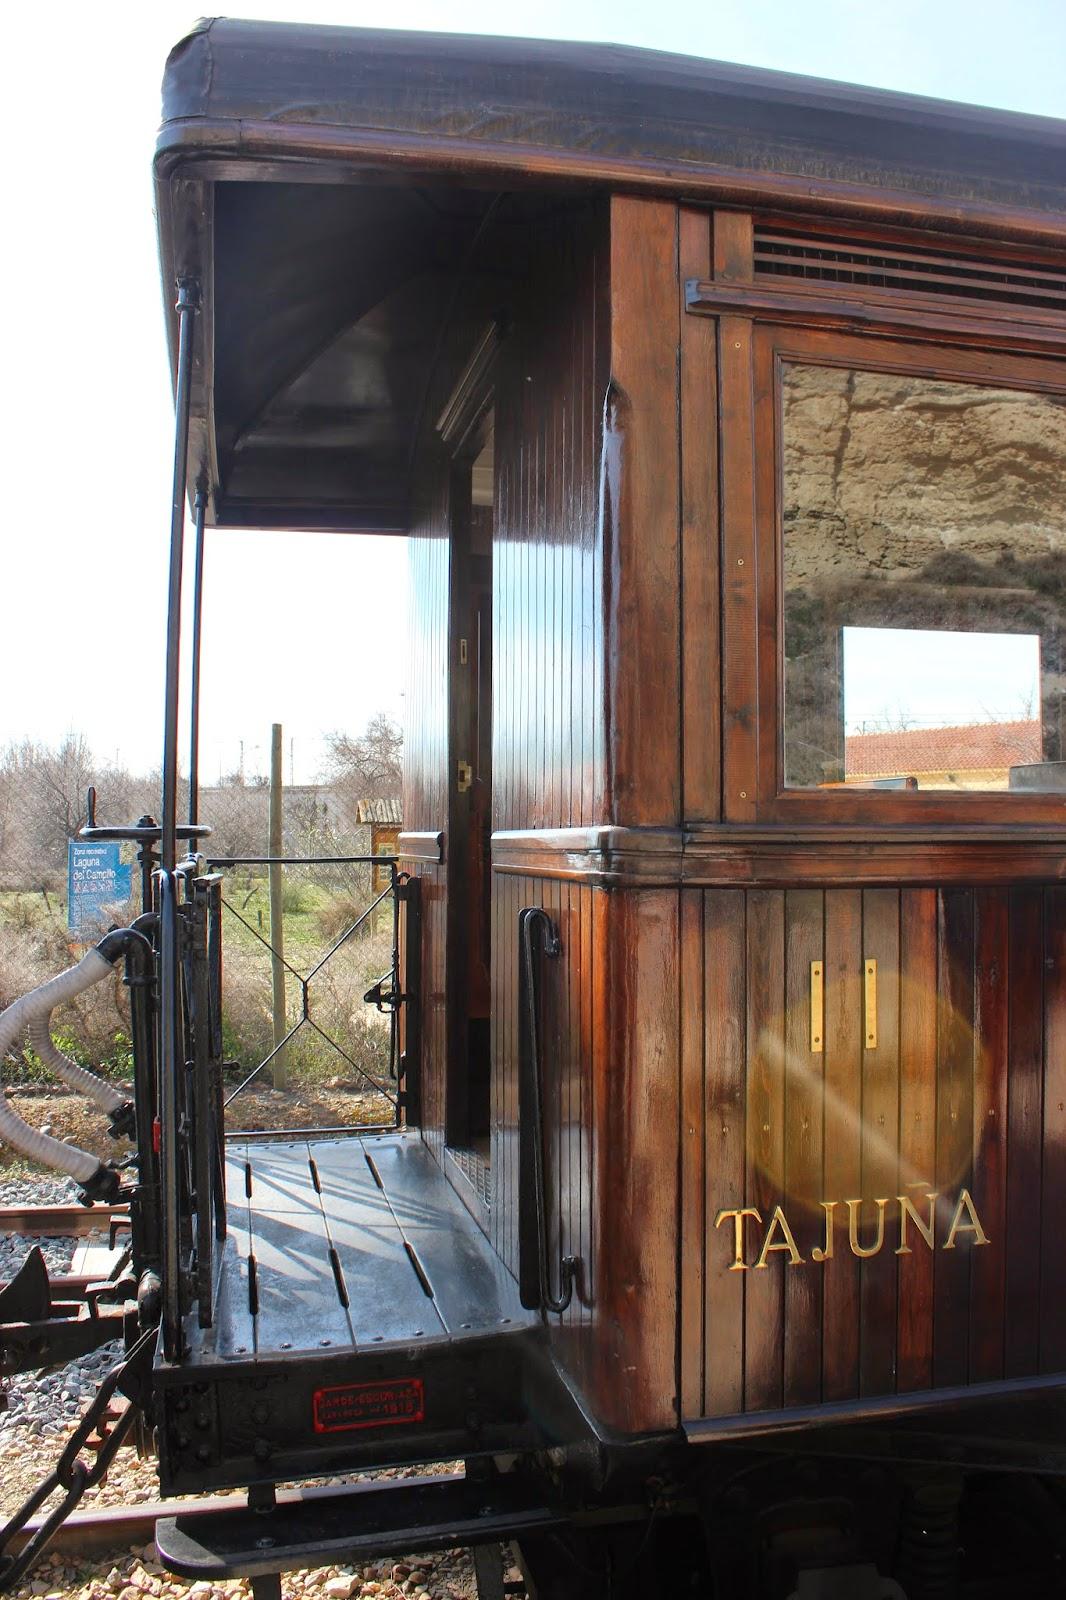 Trenes antiguos. Vagón Tajuña en el tren de Arganda